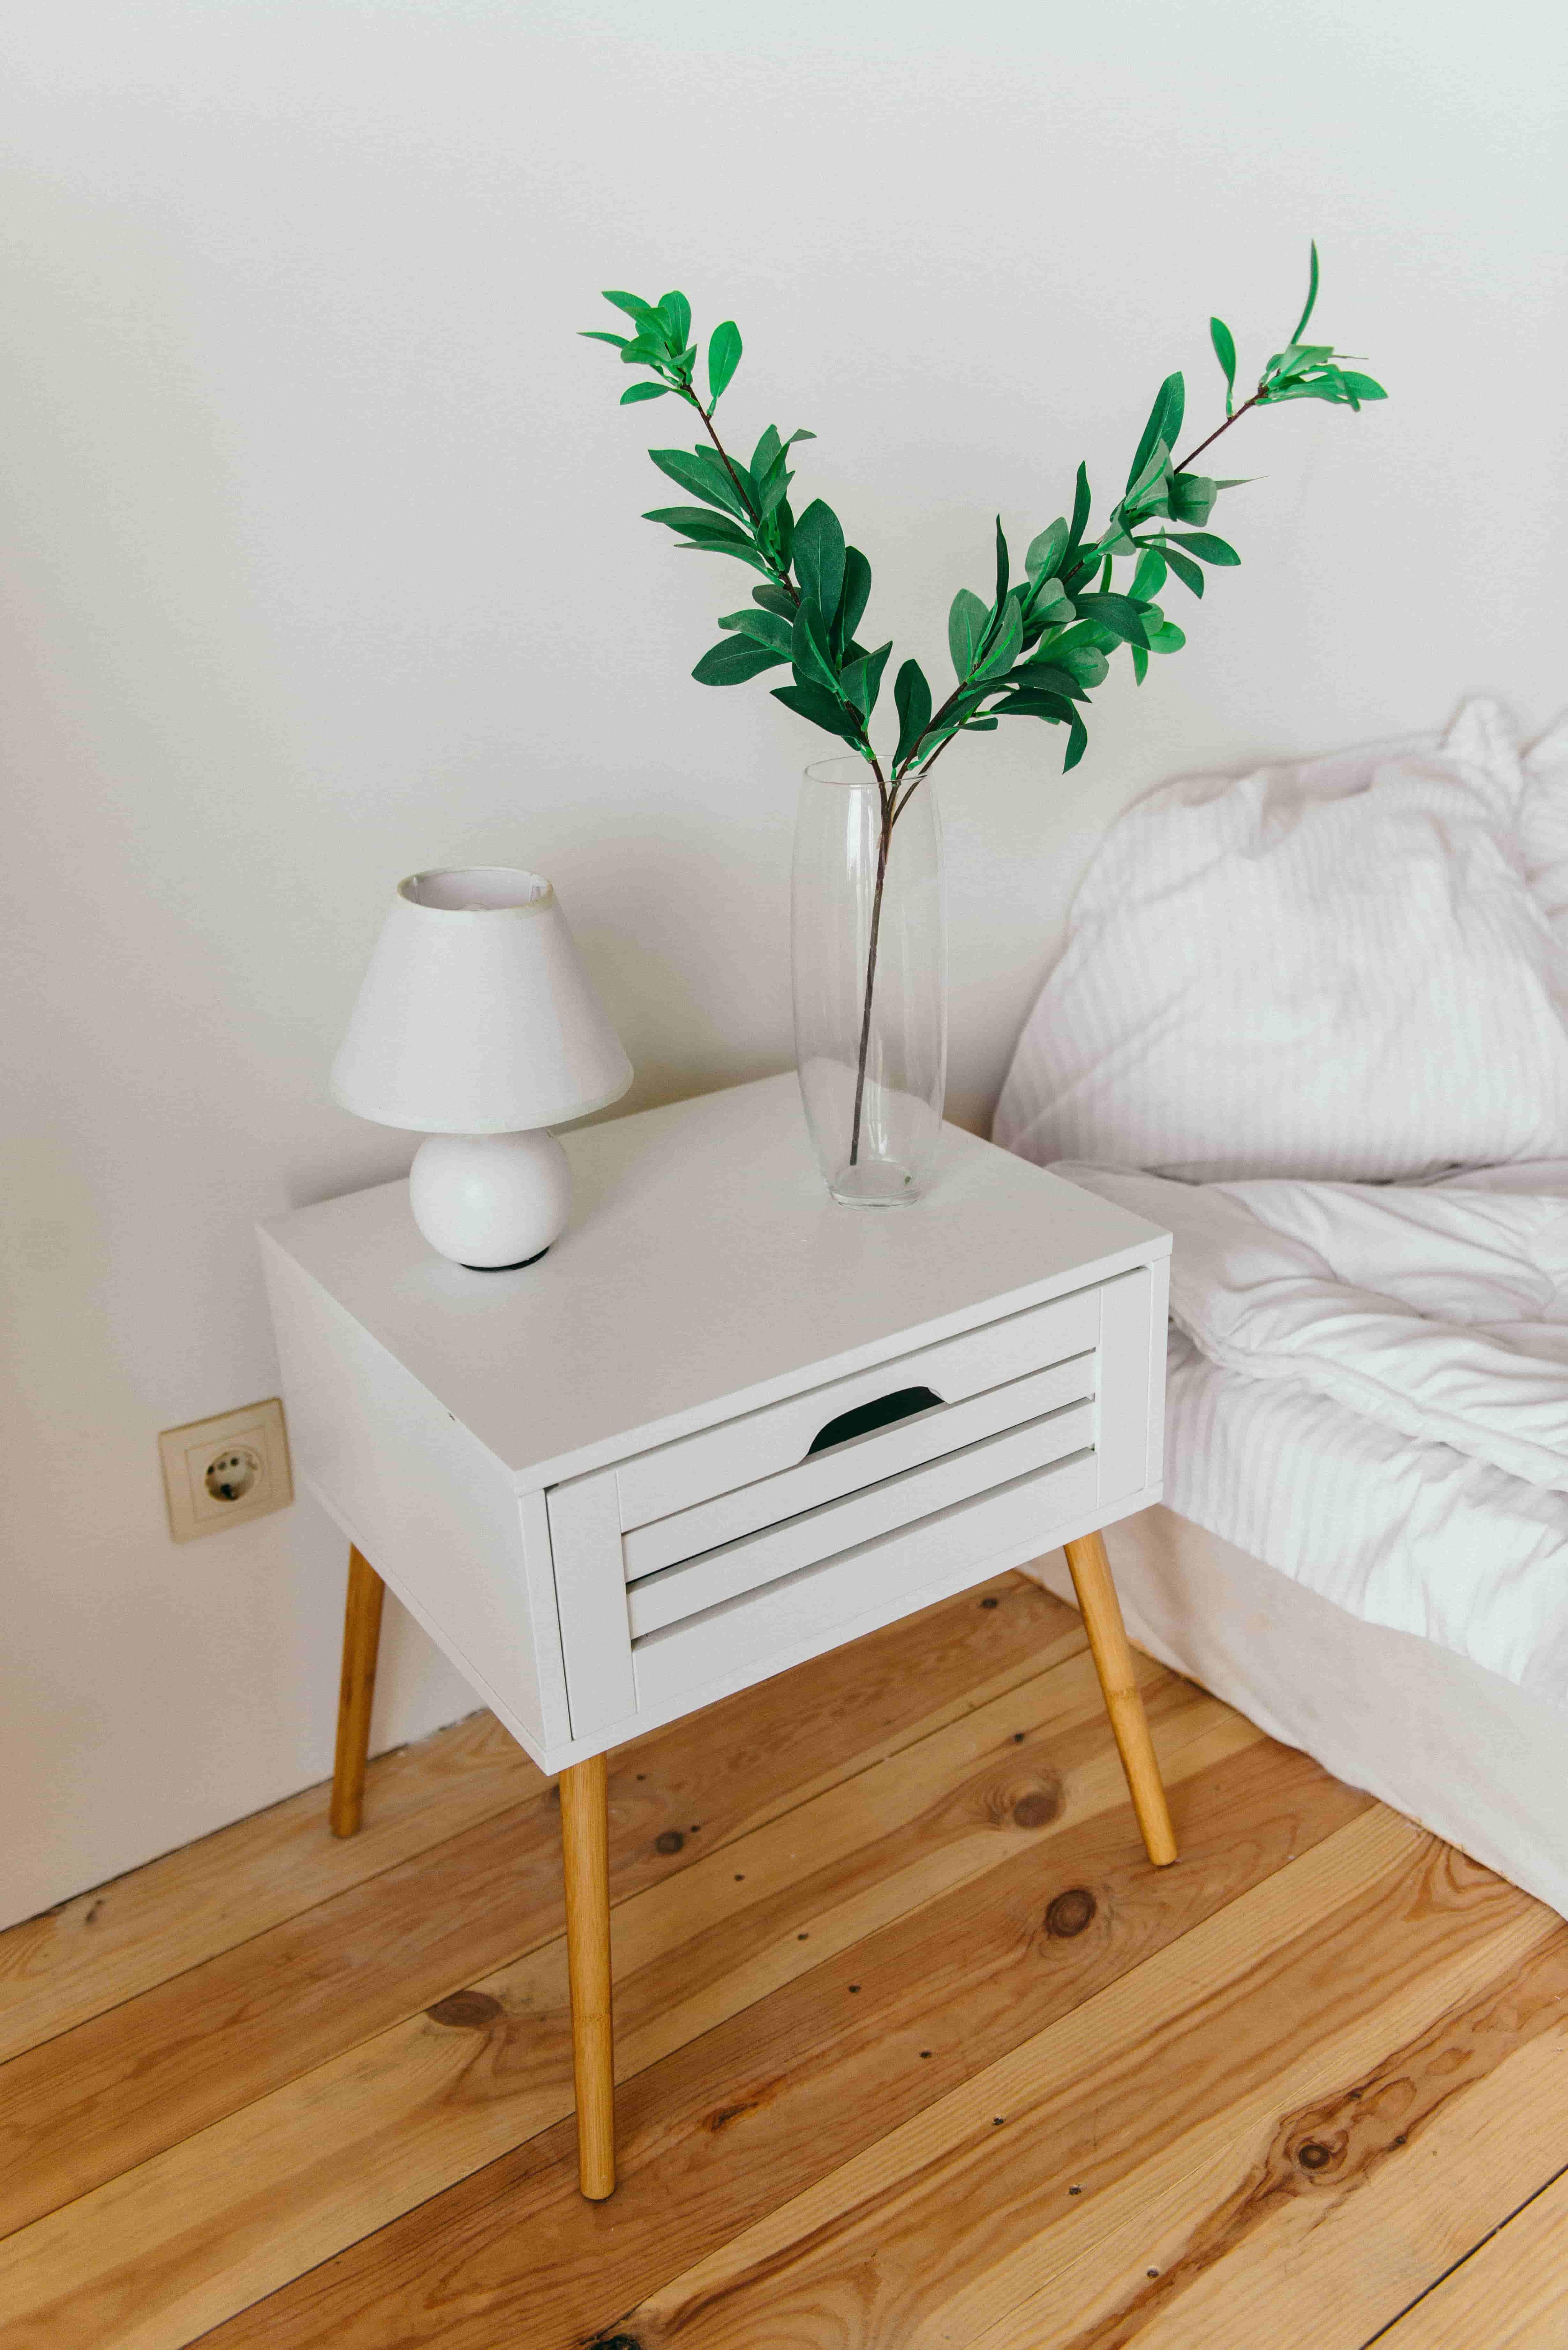 침대 옆 유리병속 식물